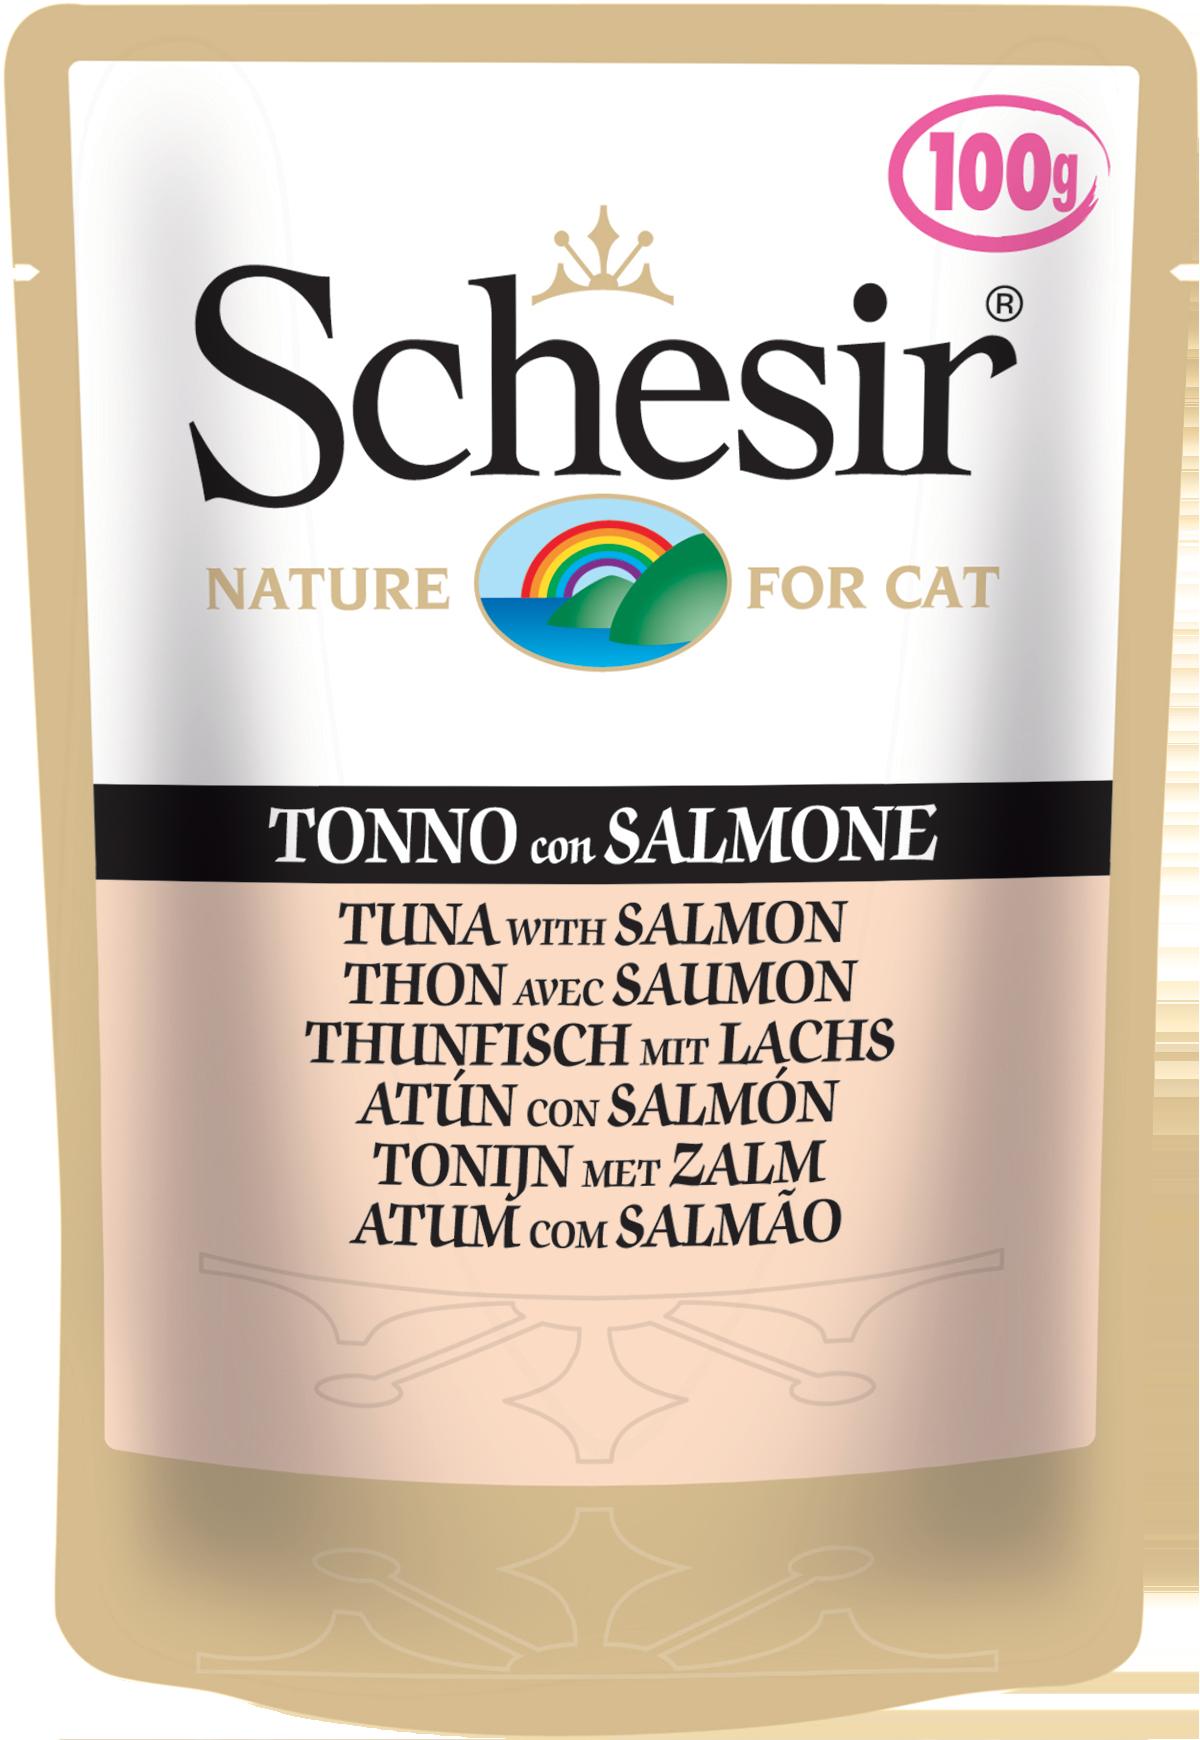 Schesir пауч для кошек со вкусом тунца и лосося, 0.1кг